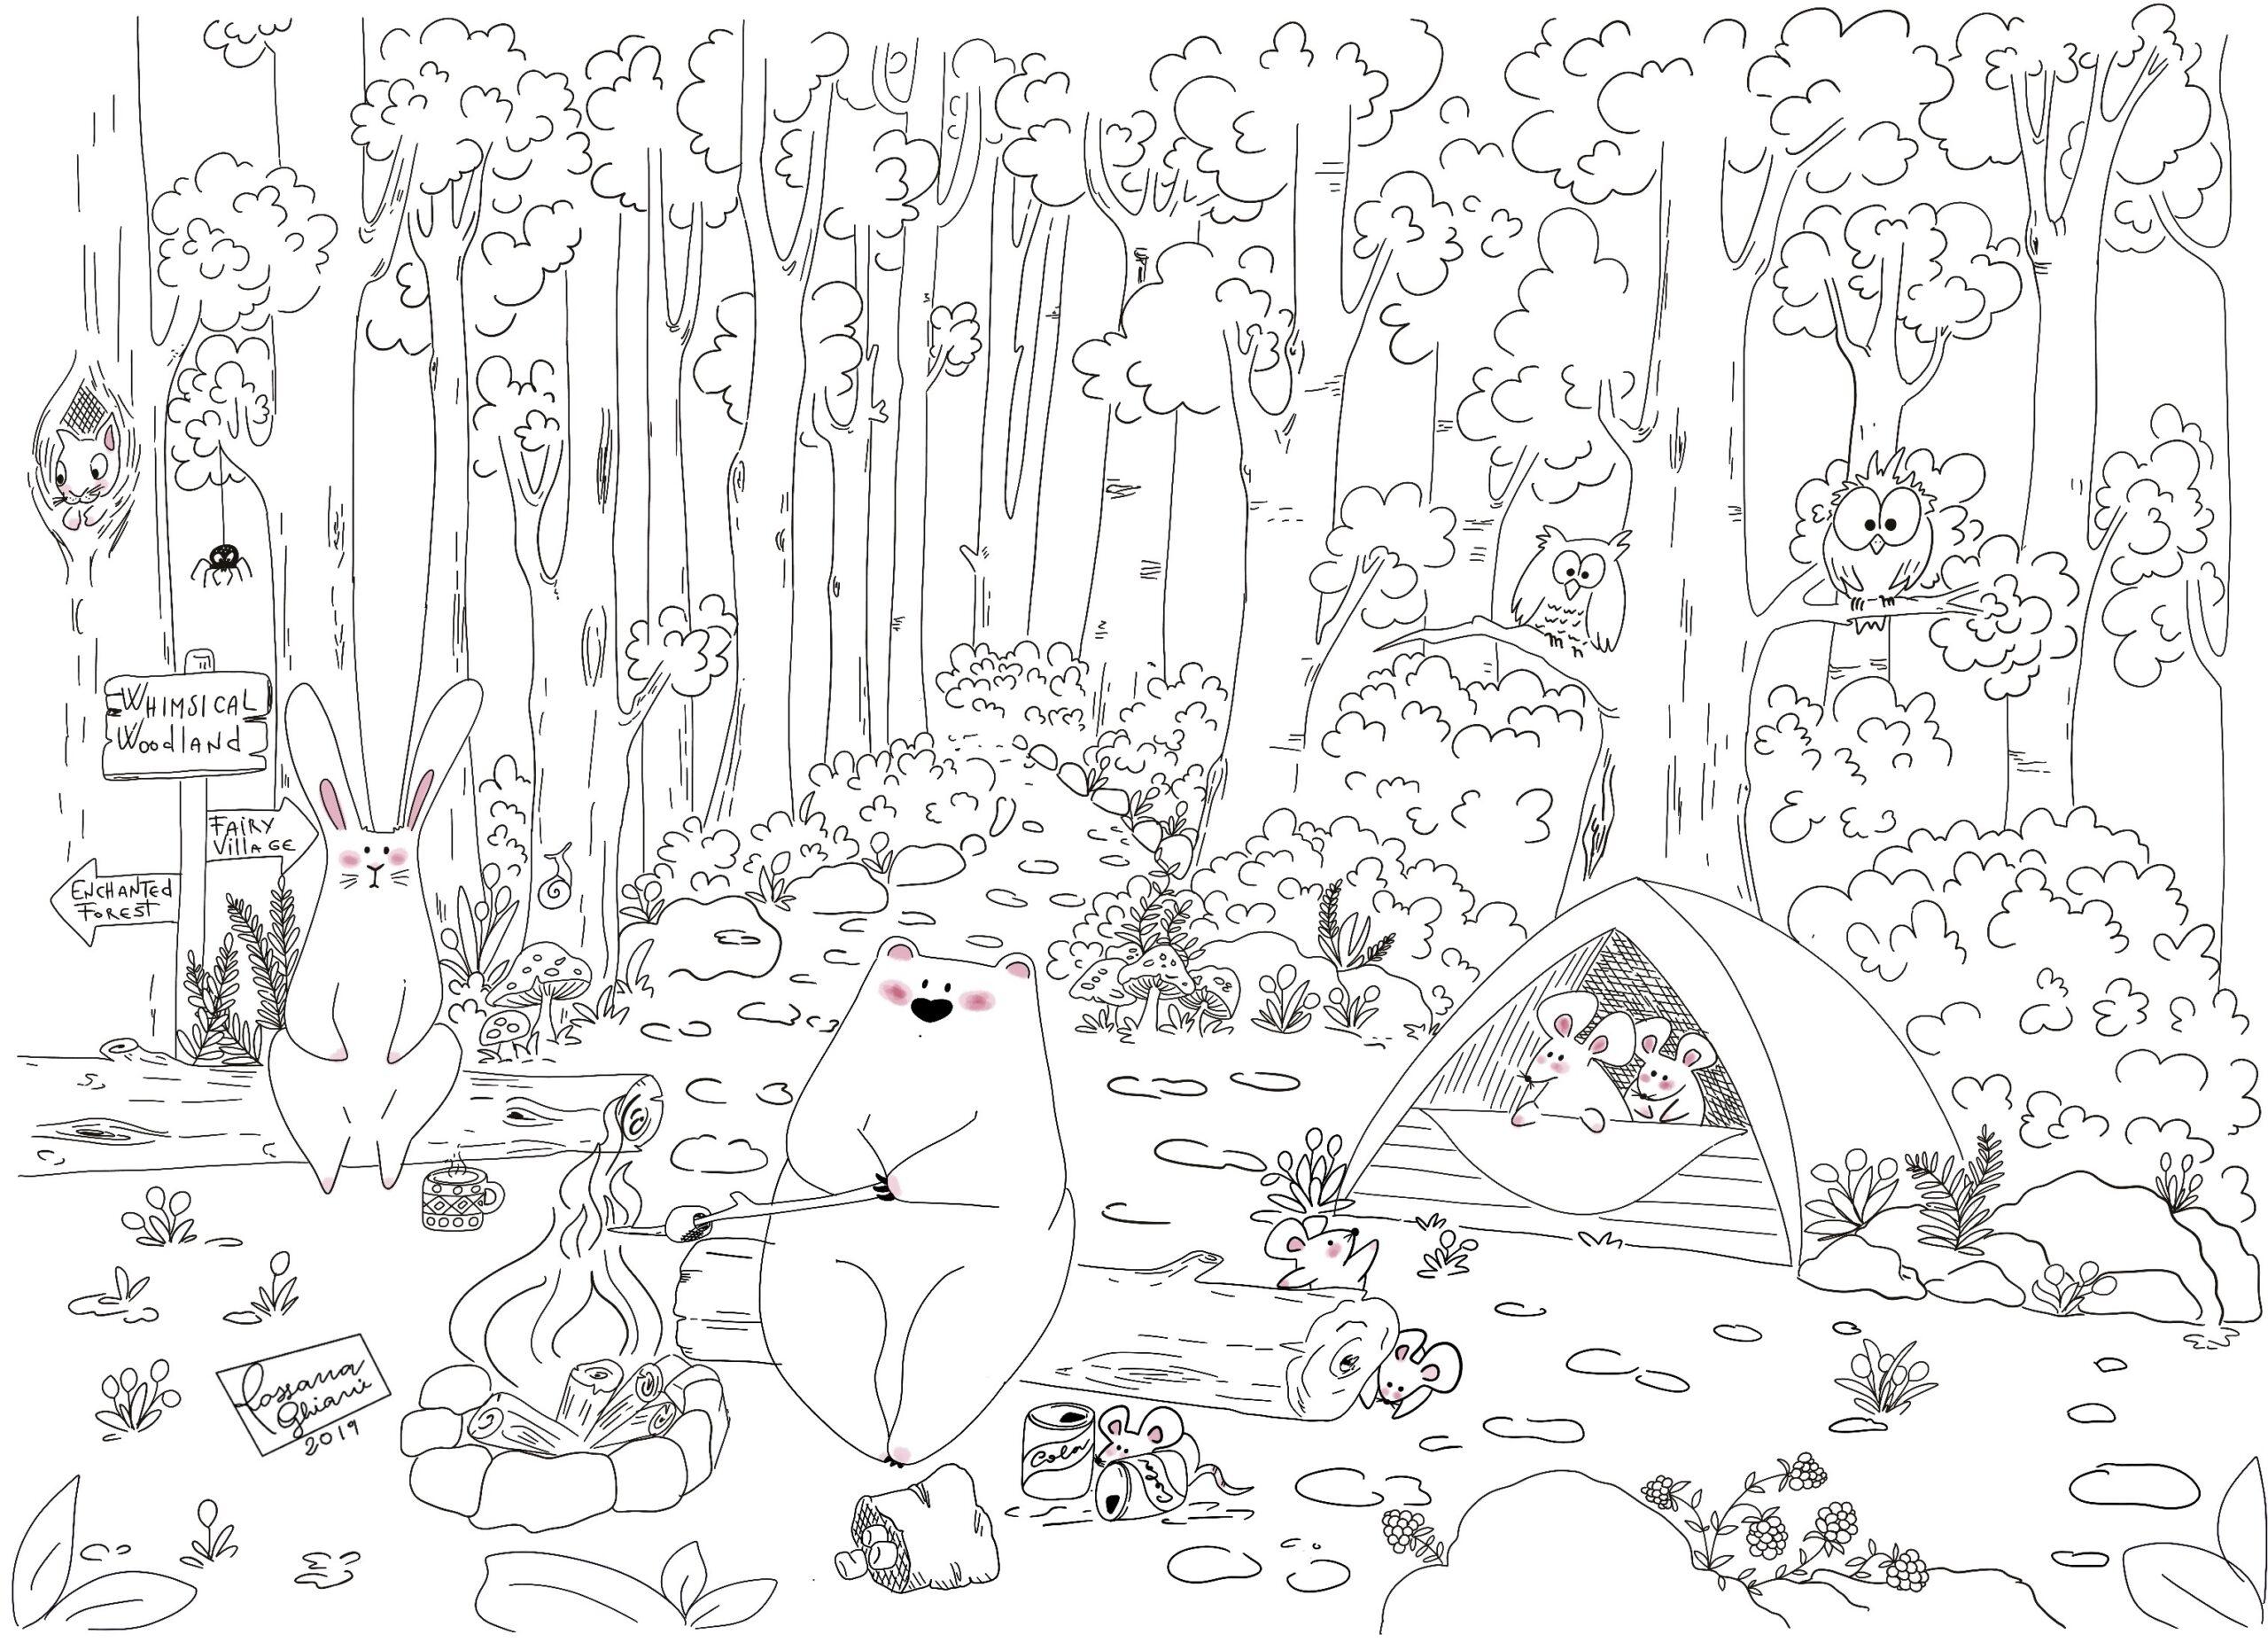 whimsical woodland - pagine da colorare per bambini